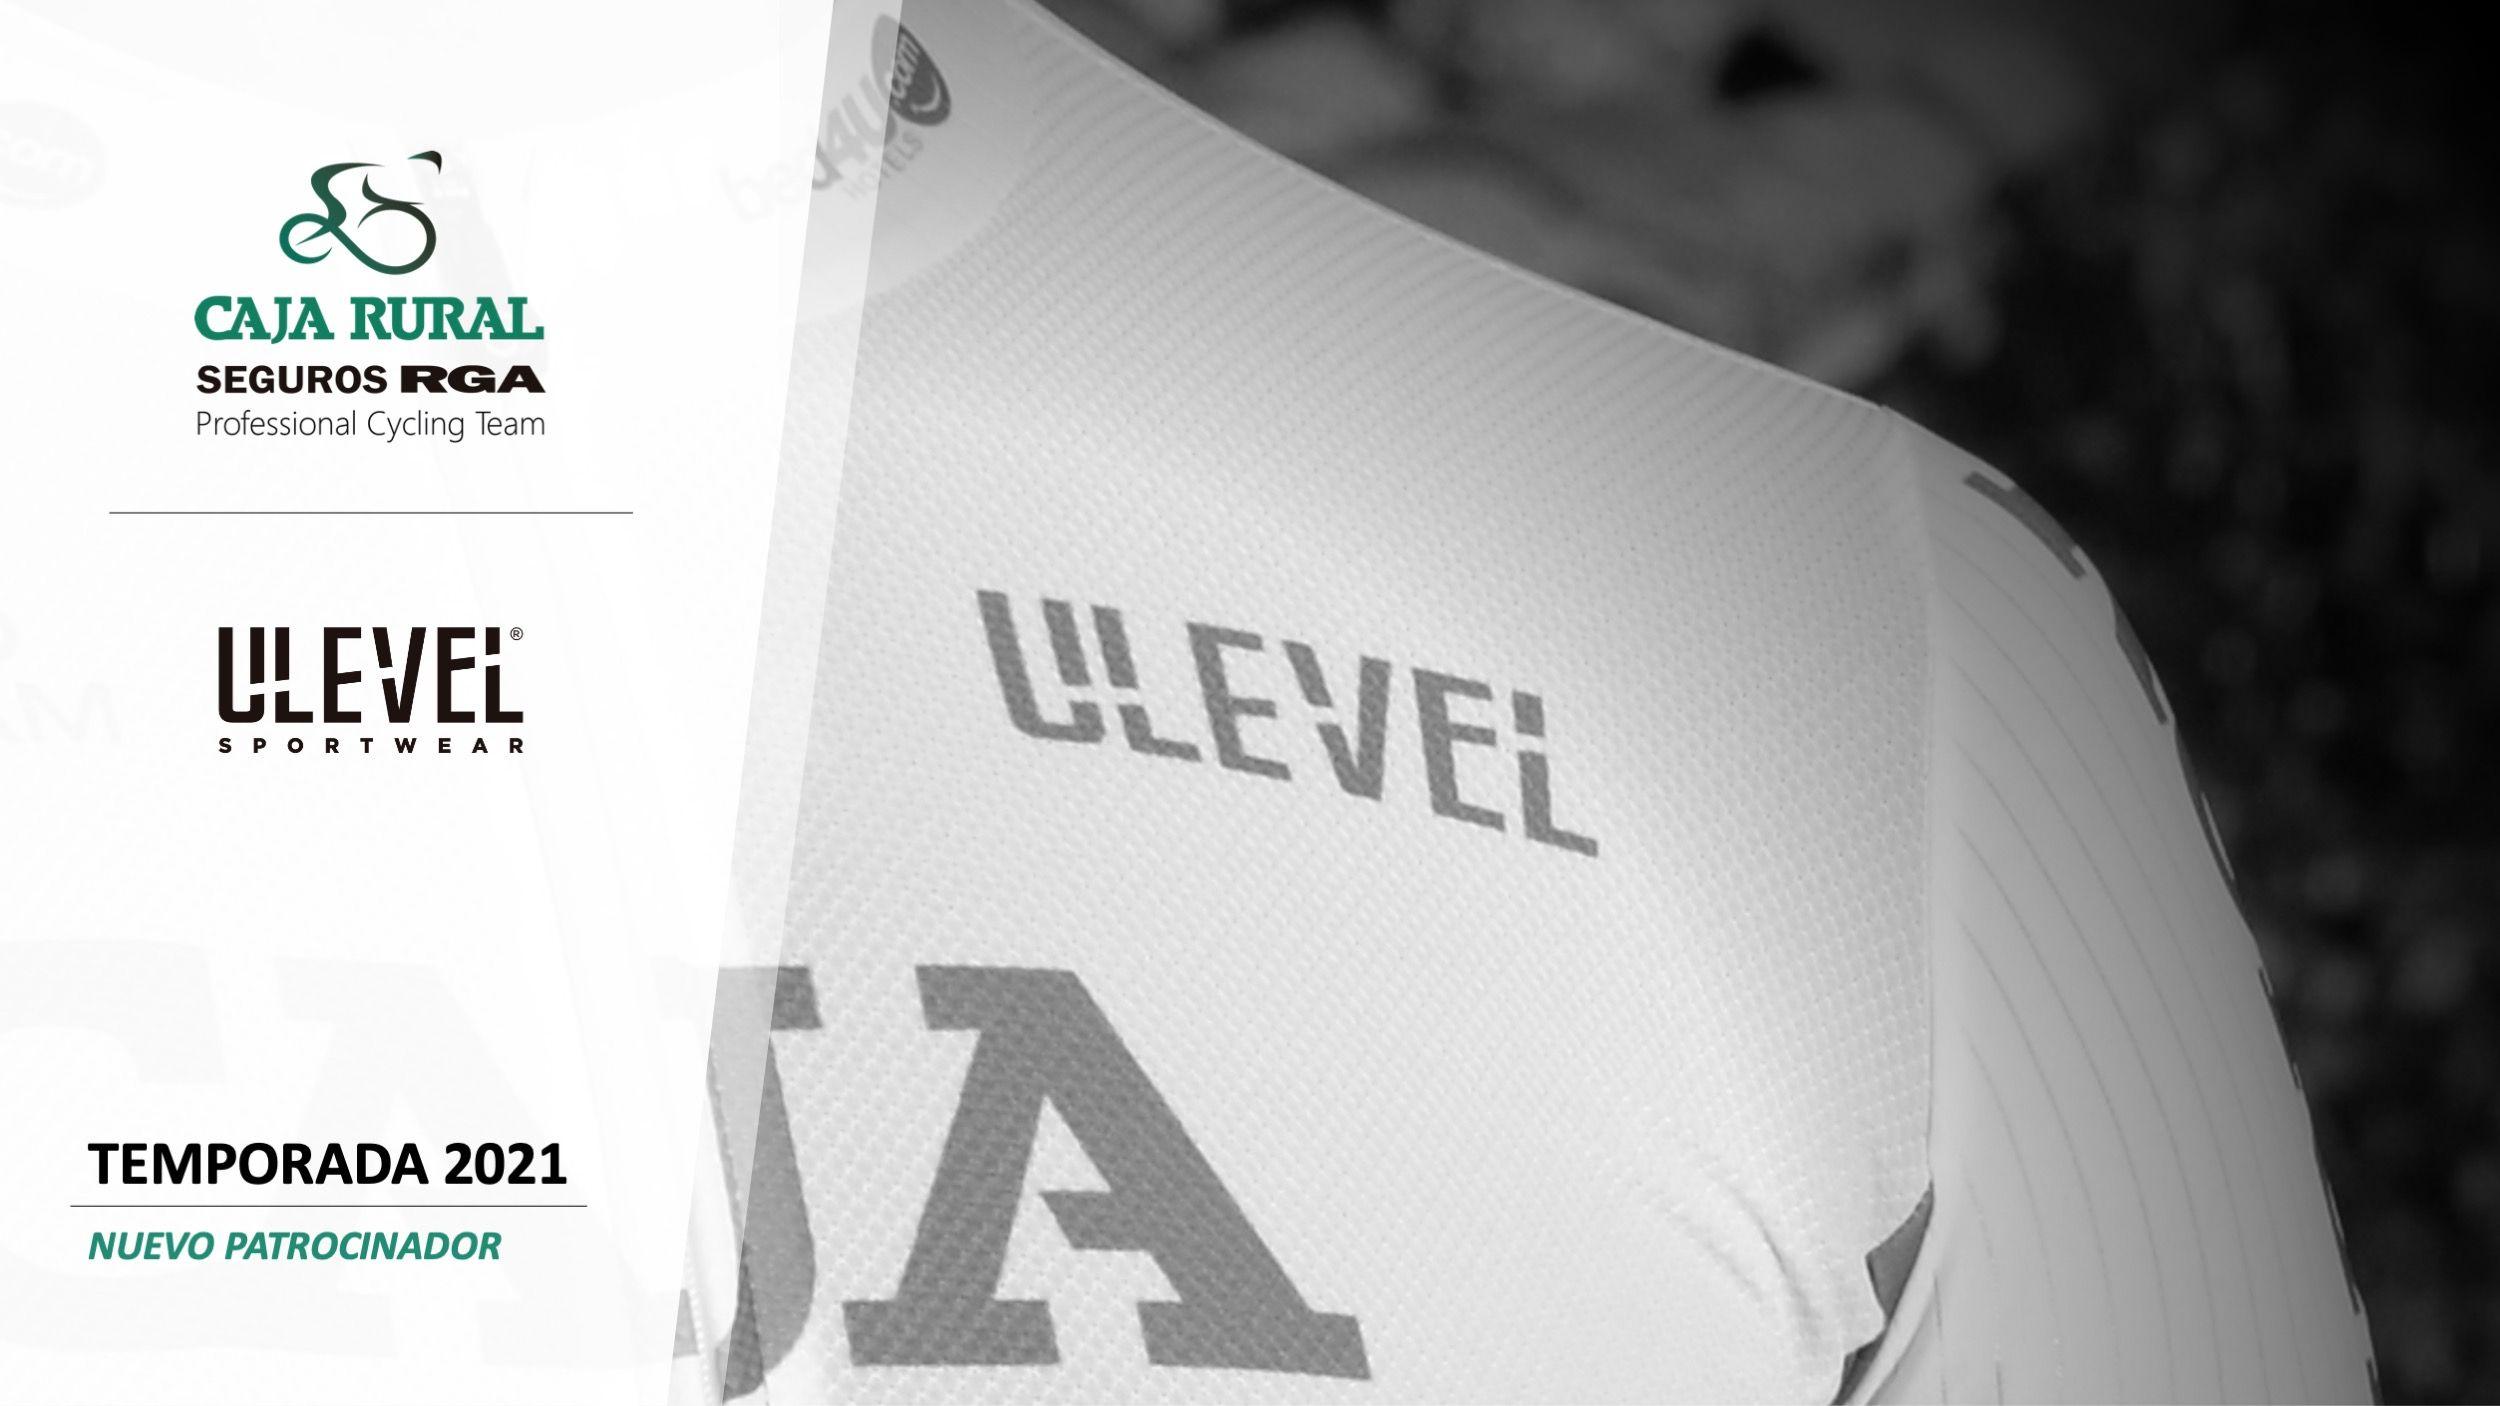 ULEVEL, la nueva línea de ULB Sports, vestirá a Caja Rural-Seguros RGA